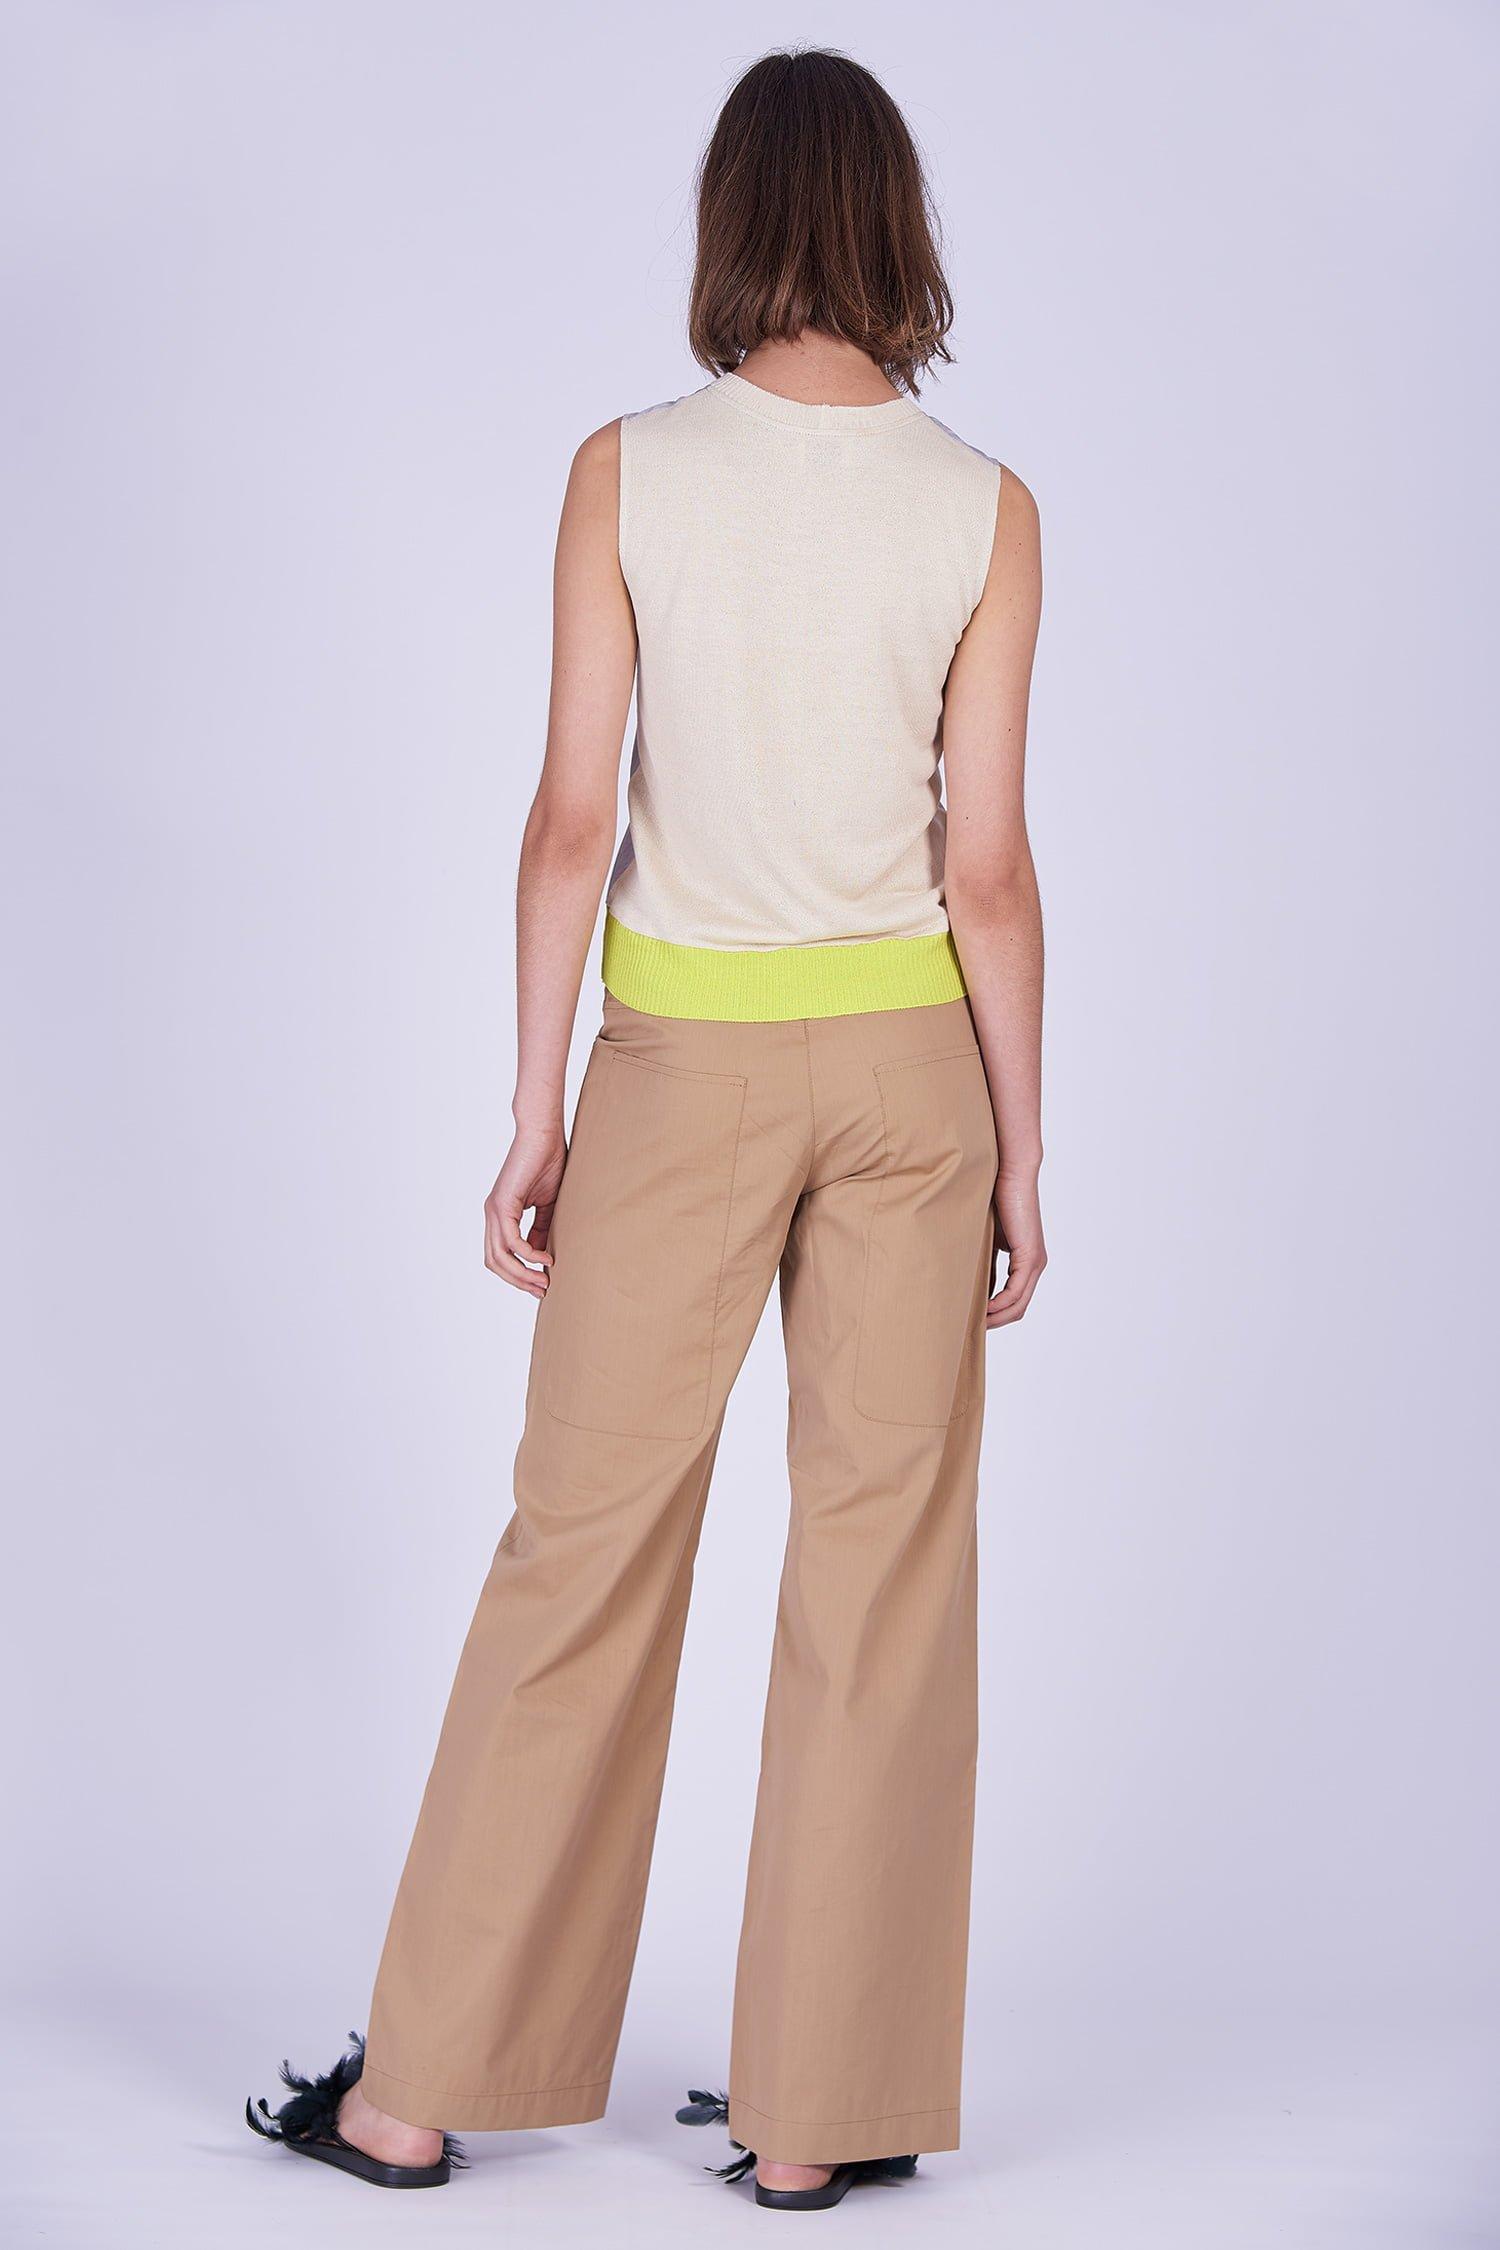 Acephala Ss2020 Silver Bustier Top Beige Cargo Trousers Srebrny Gorsetowy Bezowe Spodnie Back 2